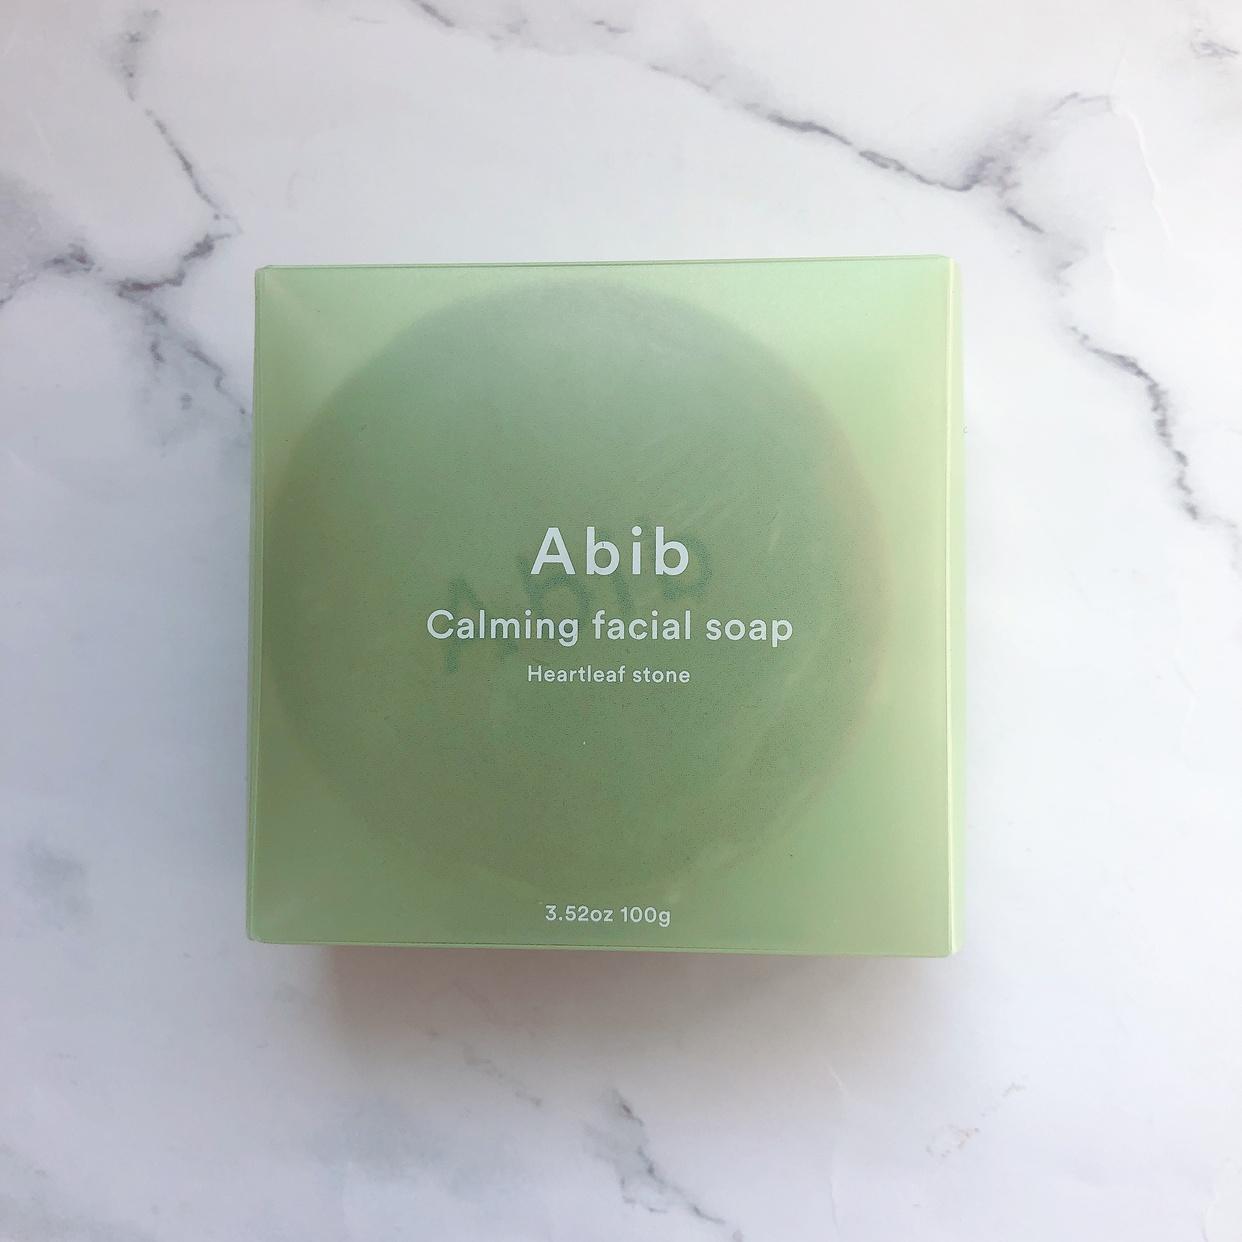 Abib(アビブ) カーミングフェイシャルソープの良い点・メリットに関するs_c_kさんの口コミ画像2